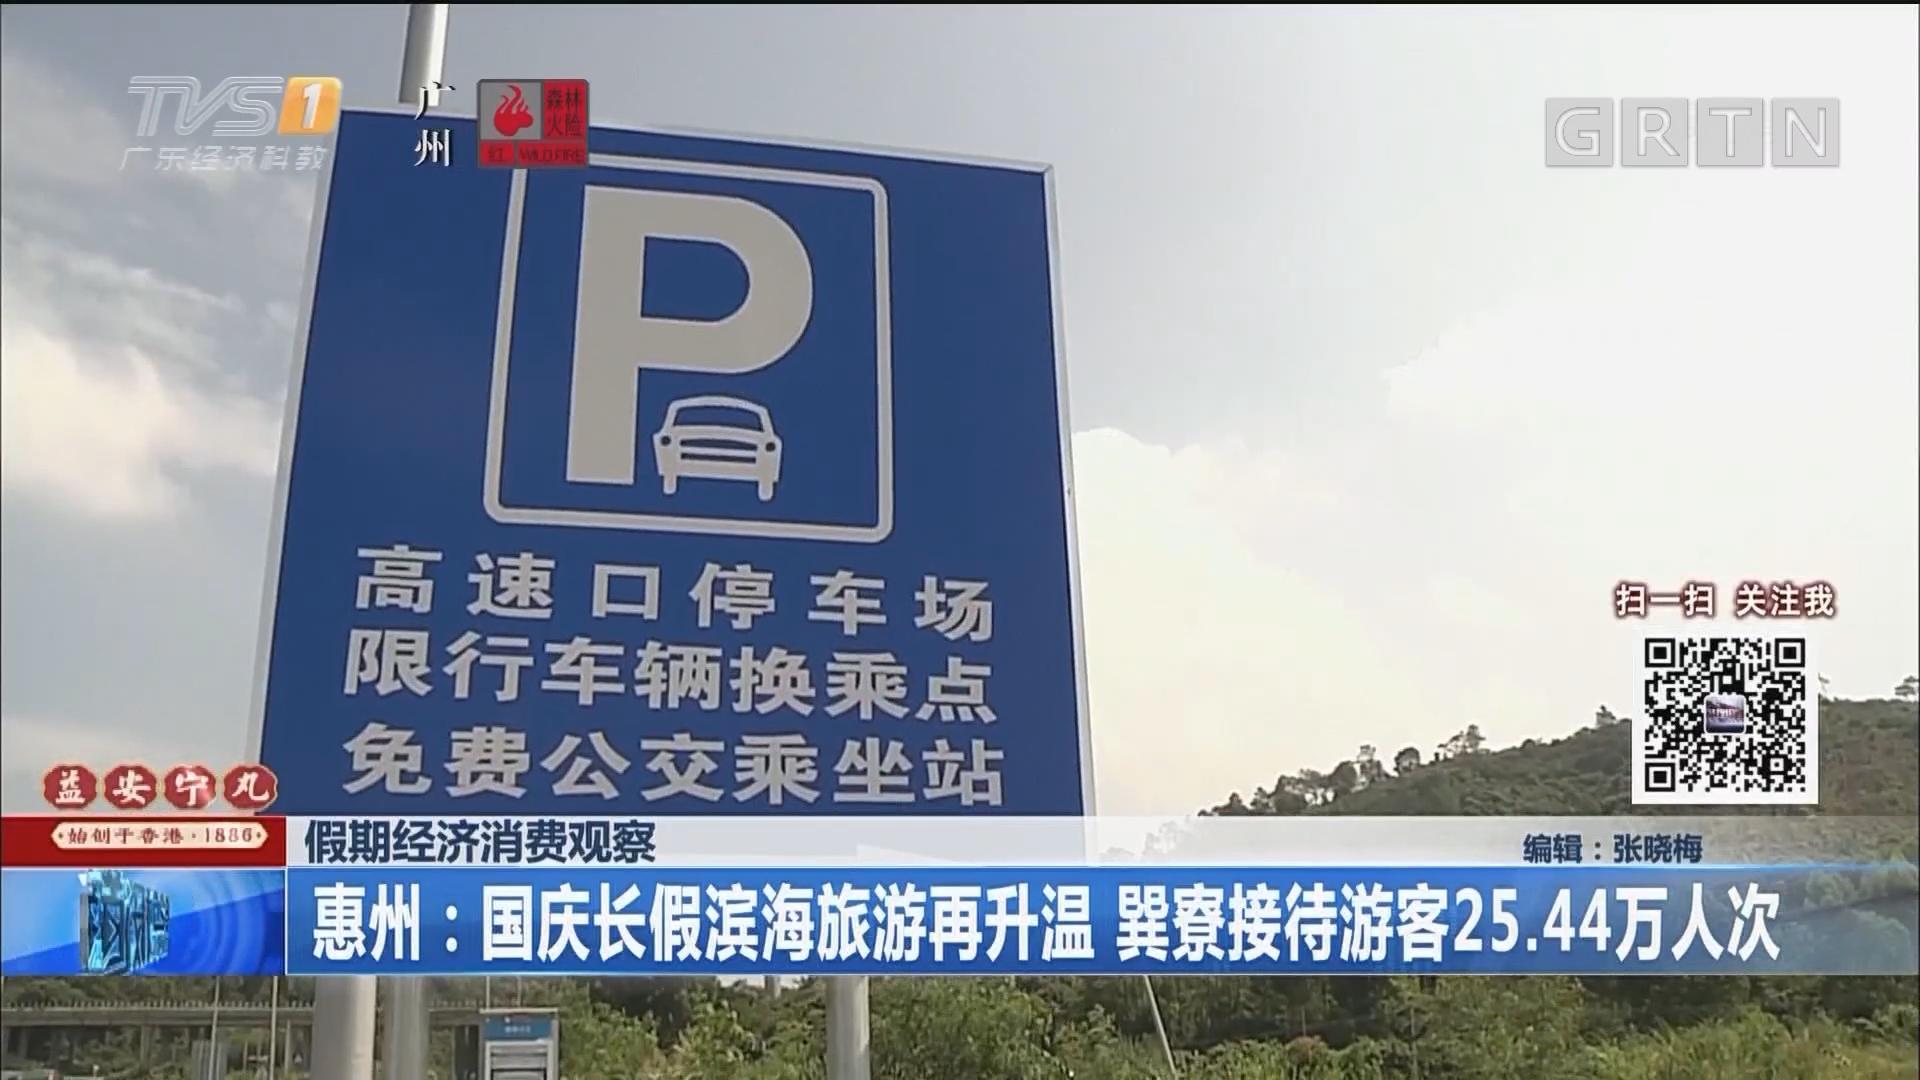 假期经济消费观察 惠州:国庆长假滨海旅游再升温 巽寮接待游客25.44万人次